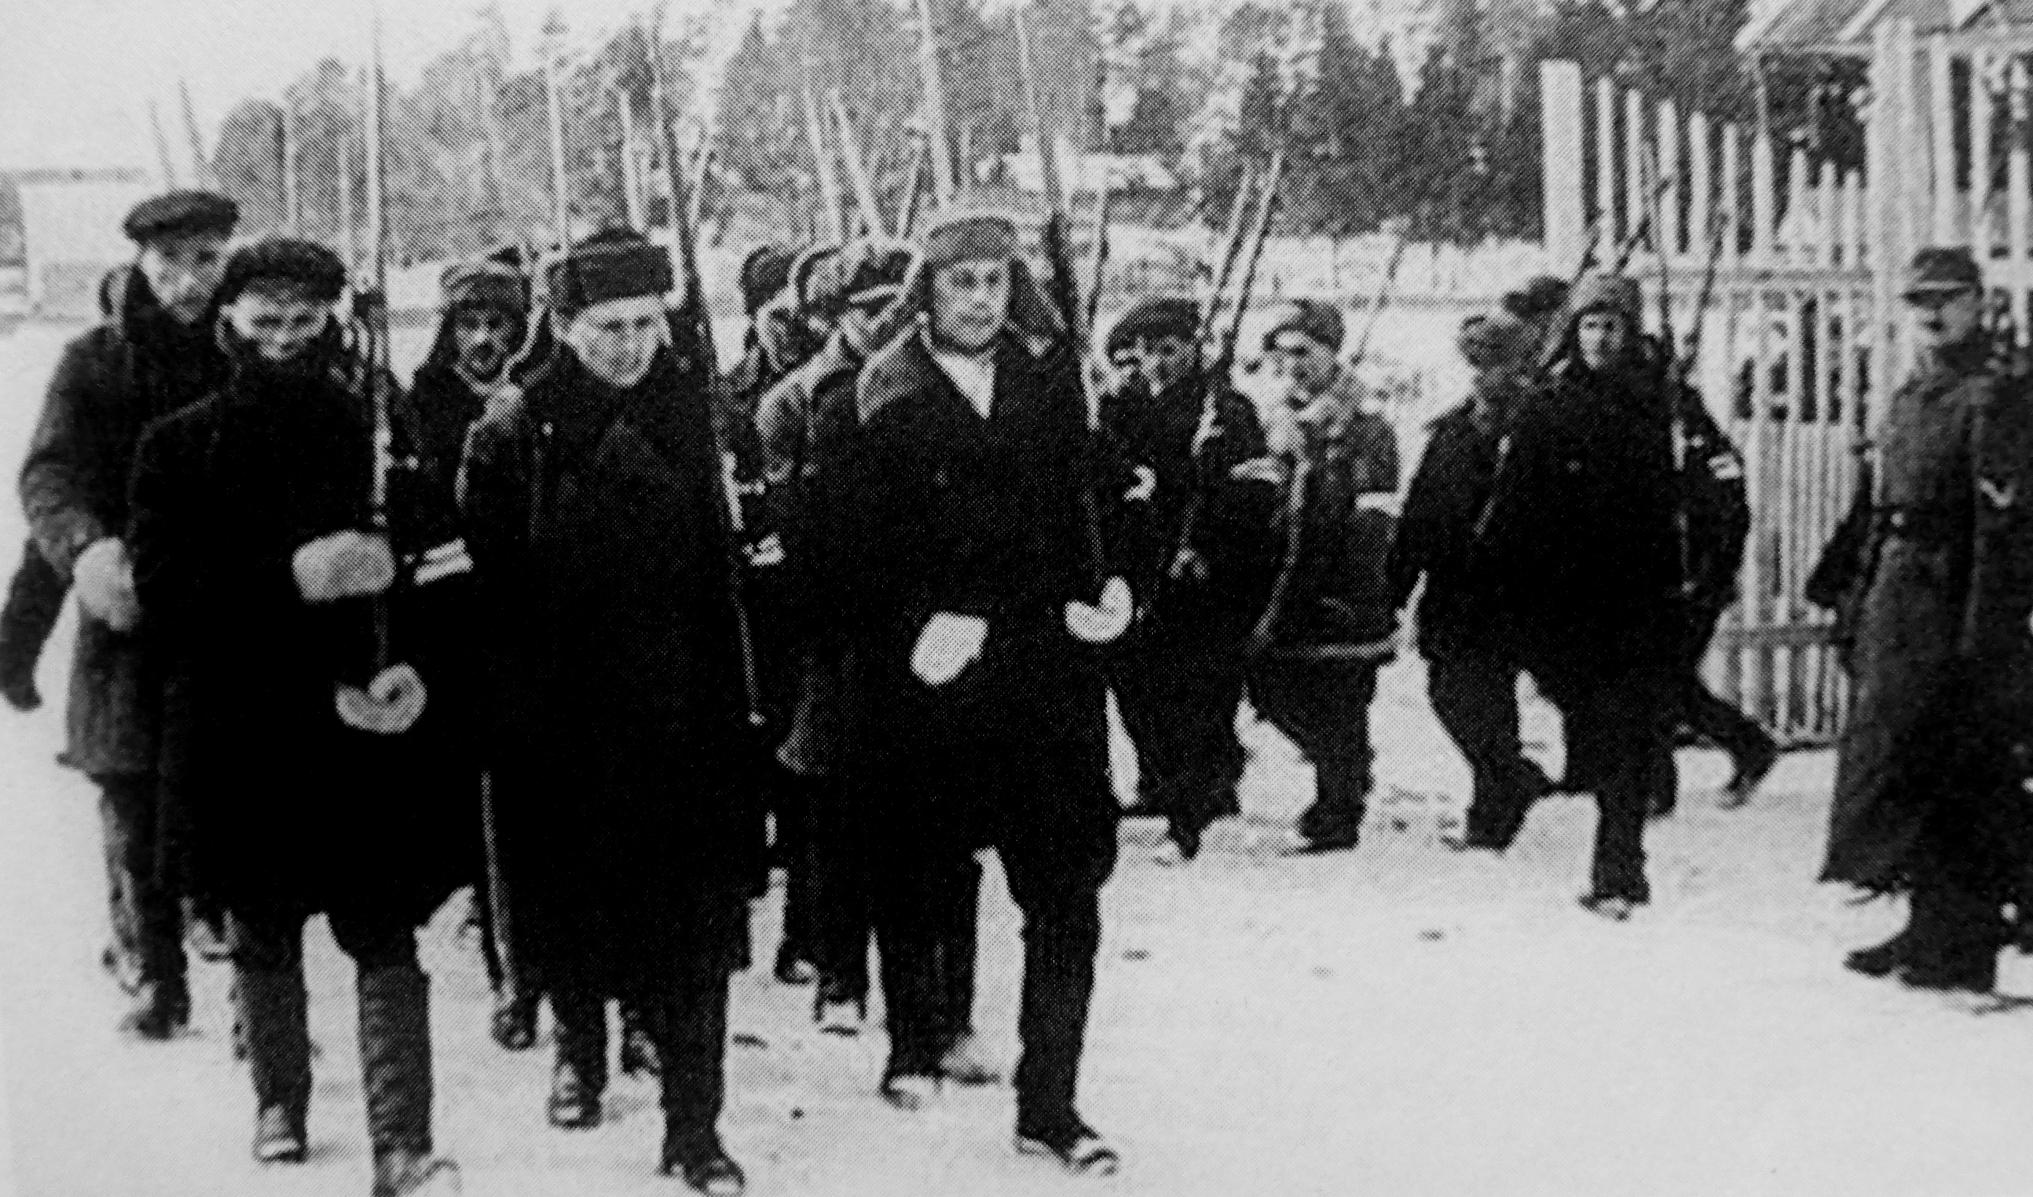 1941. Отряд вспомогательной полиции выходит на улицу населенного пункта вблизи оккупированного Минска